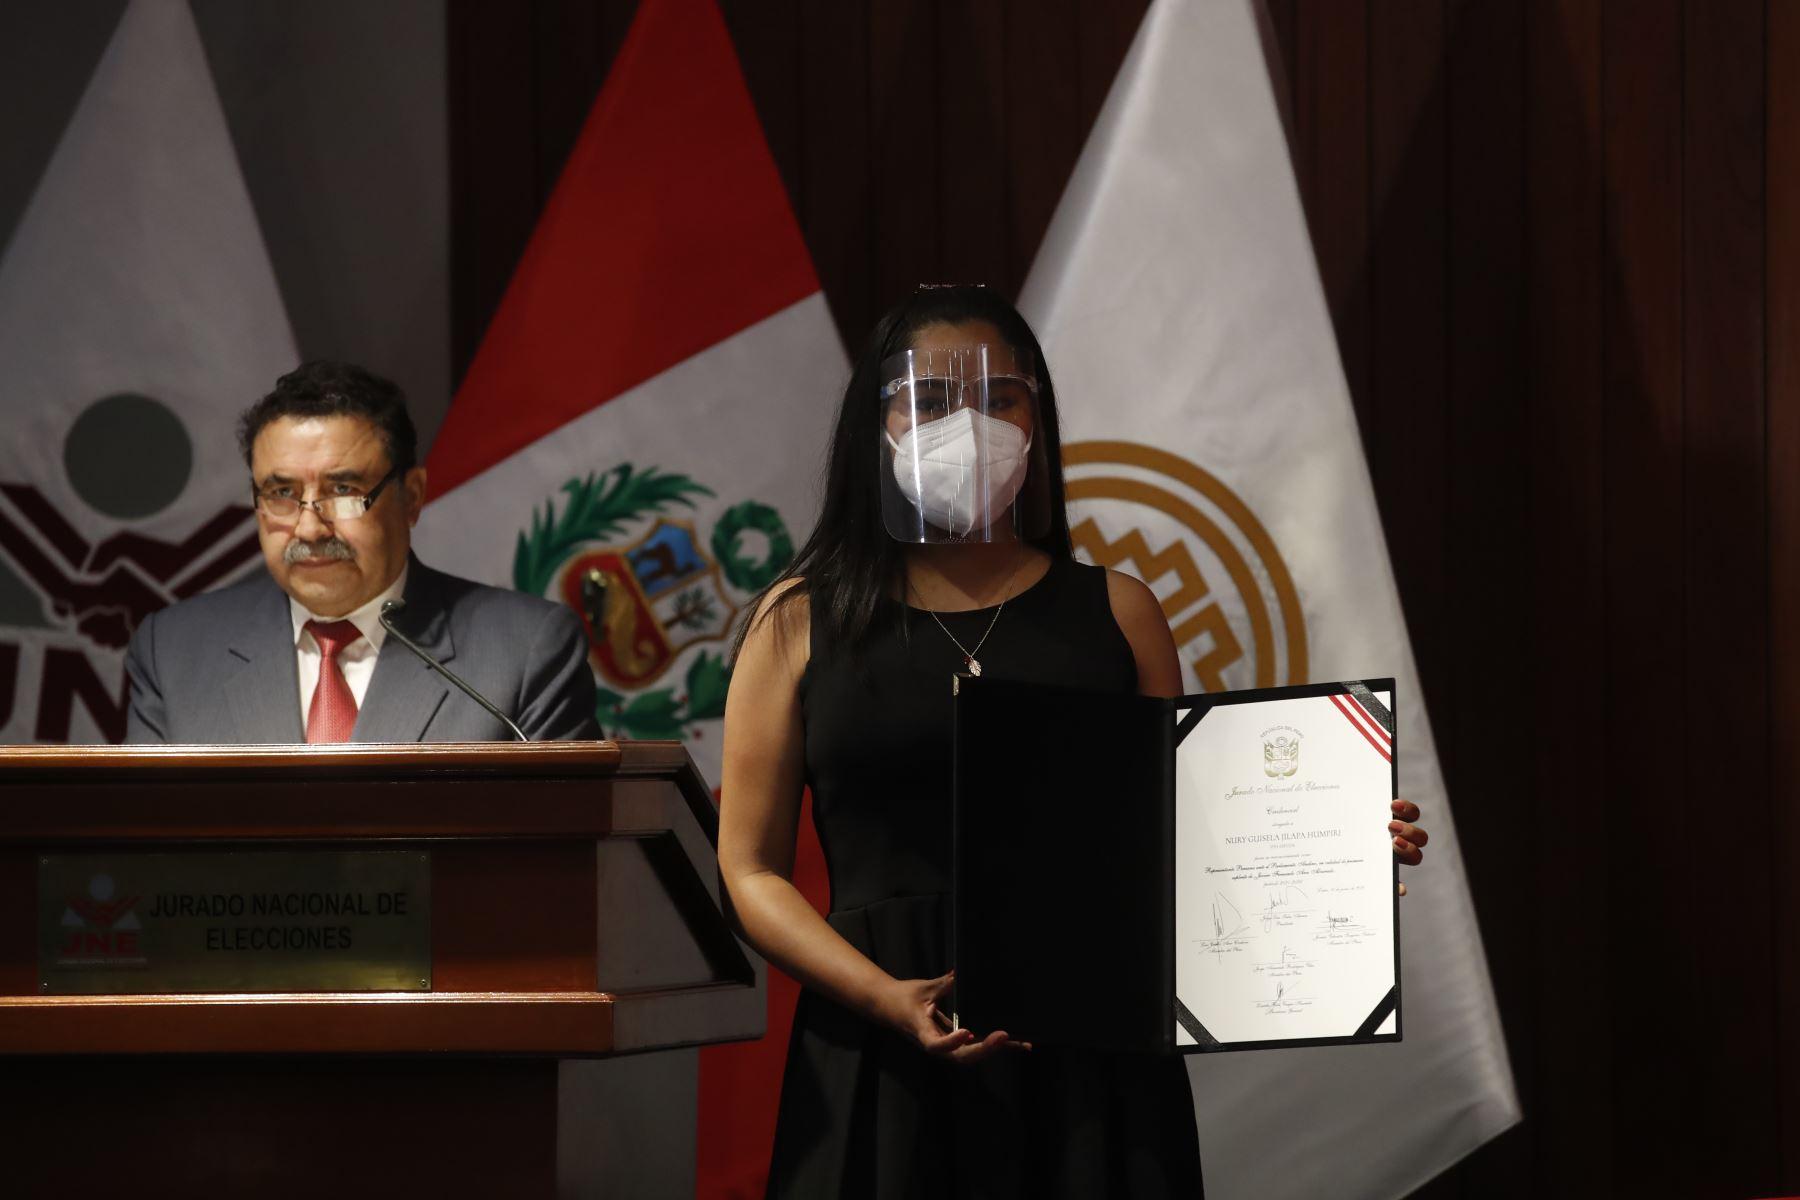 Nury Guisela Jilapa, representante de Perú Libre en ceremonia de entrega de credenciales a representantes del Parlamento Andino. Foto: ANDINA/Juan Carlos Guzmán